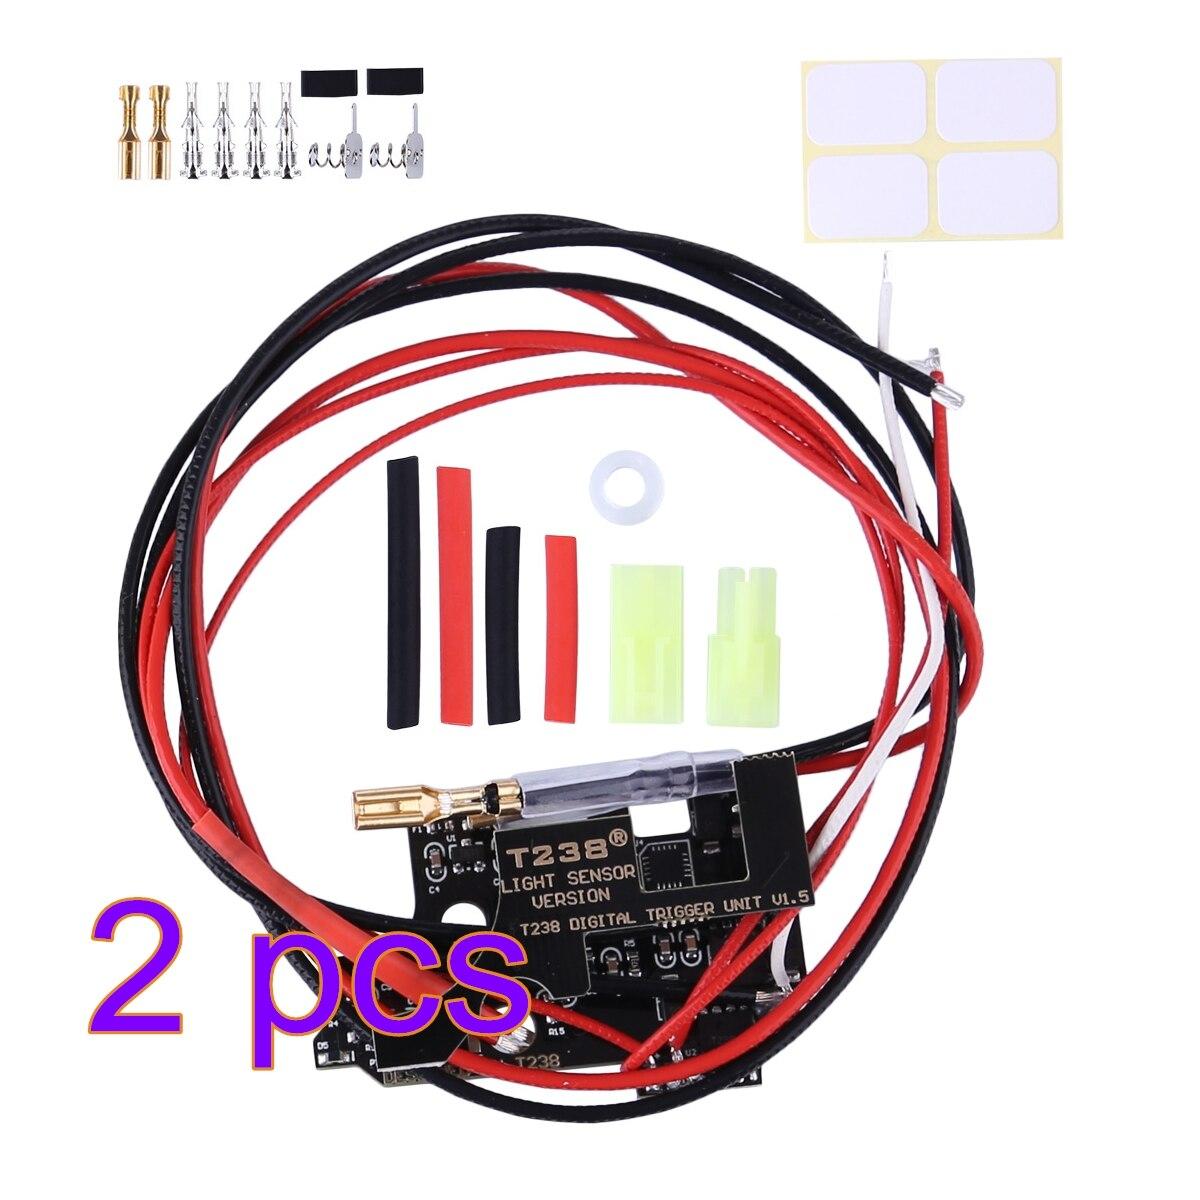 2pcs T238 Programmable MOSFET Electronic Fire Control Module For XWE M4 / JM Gen.9 / FB / Kublai / Jingji / JQ No.2 Gearbox